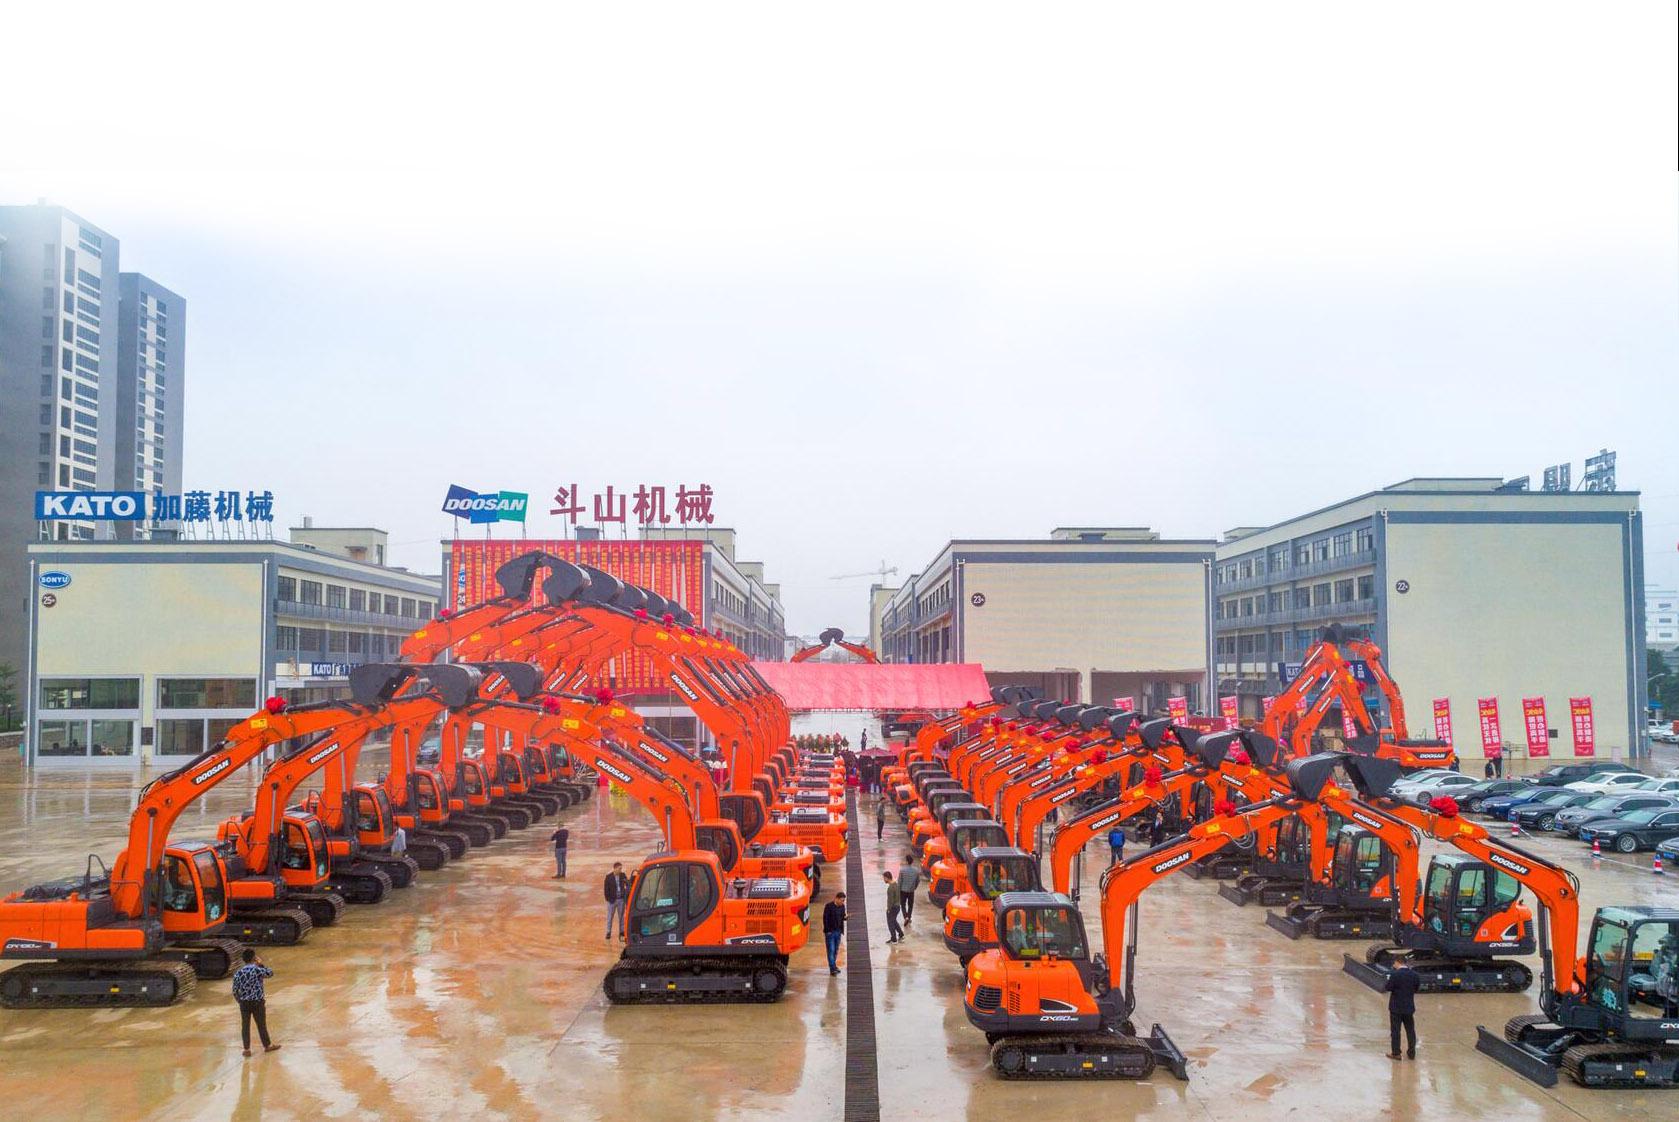 斗山挖机展示